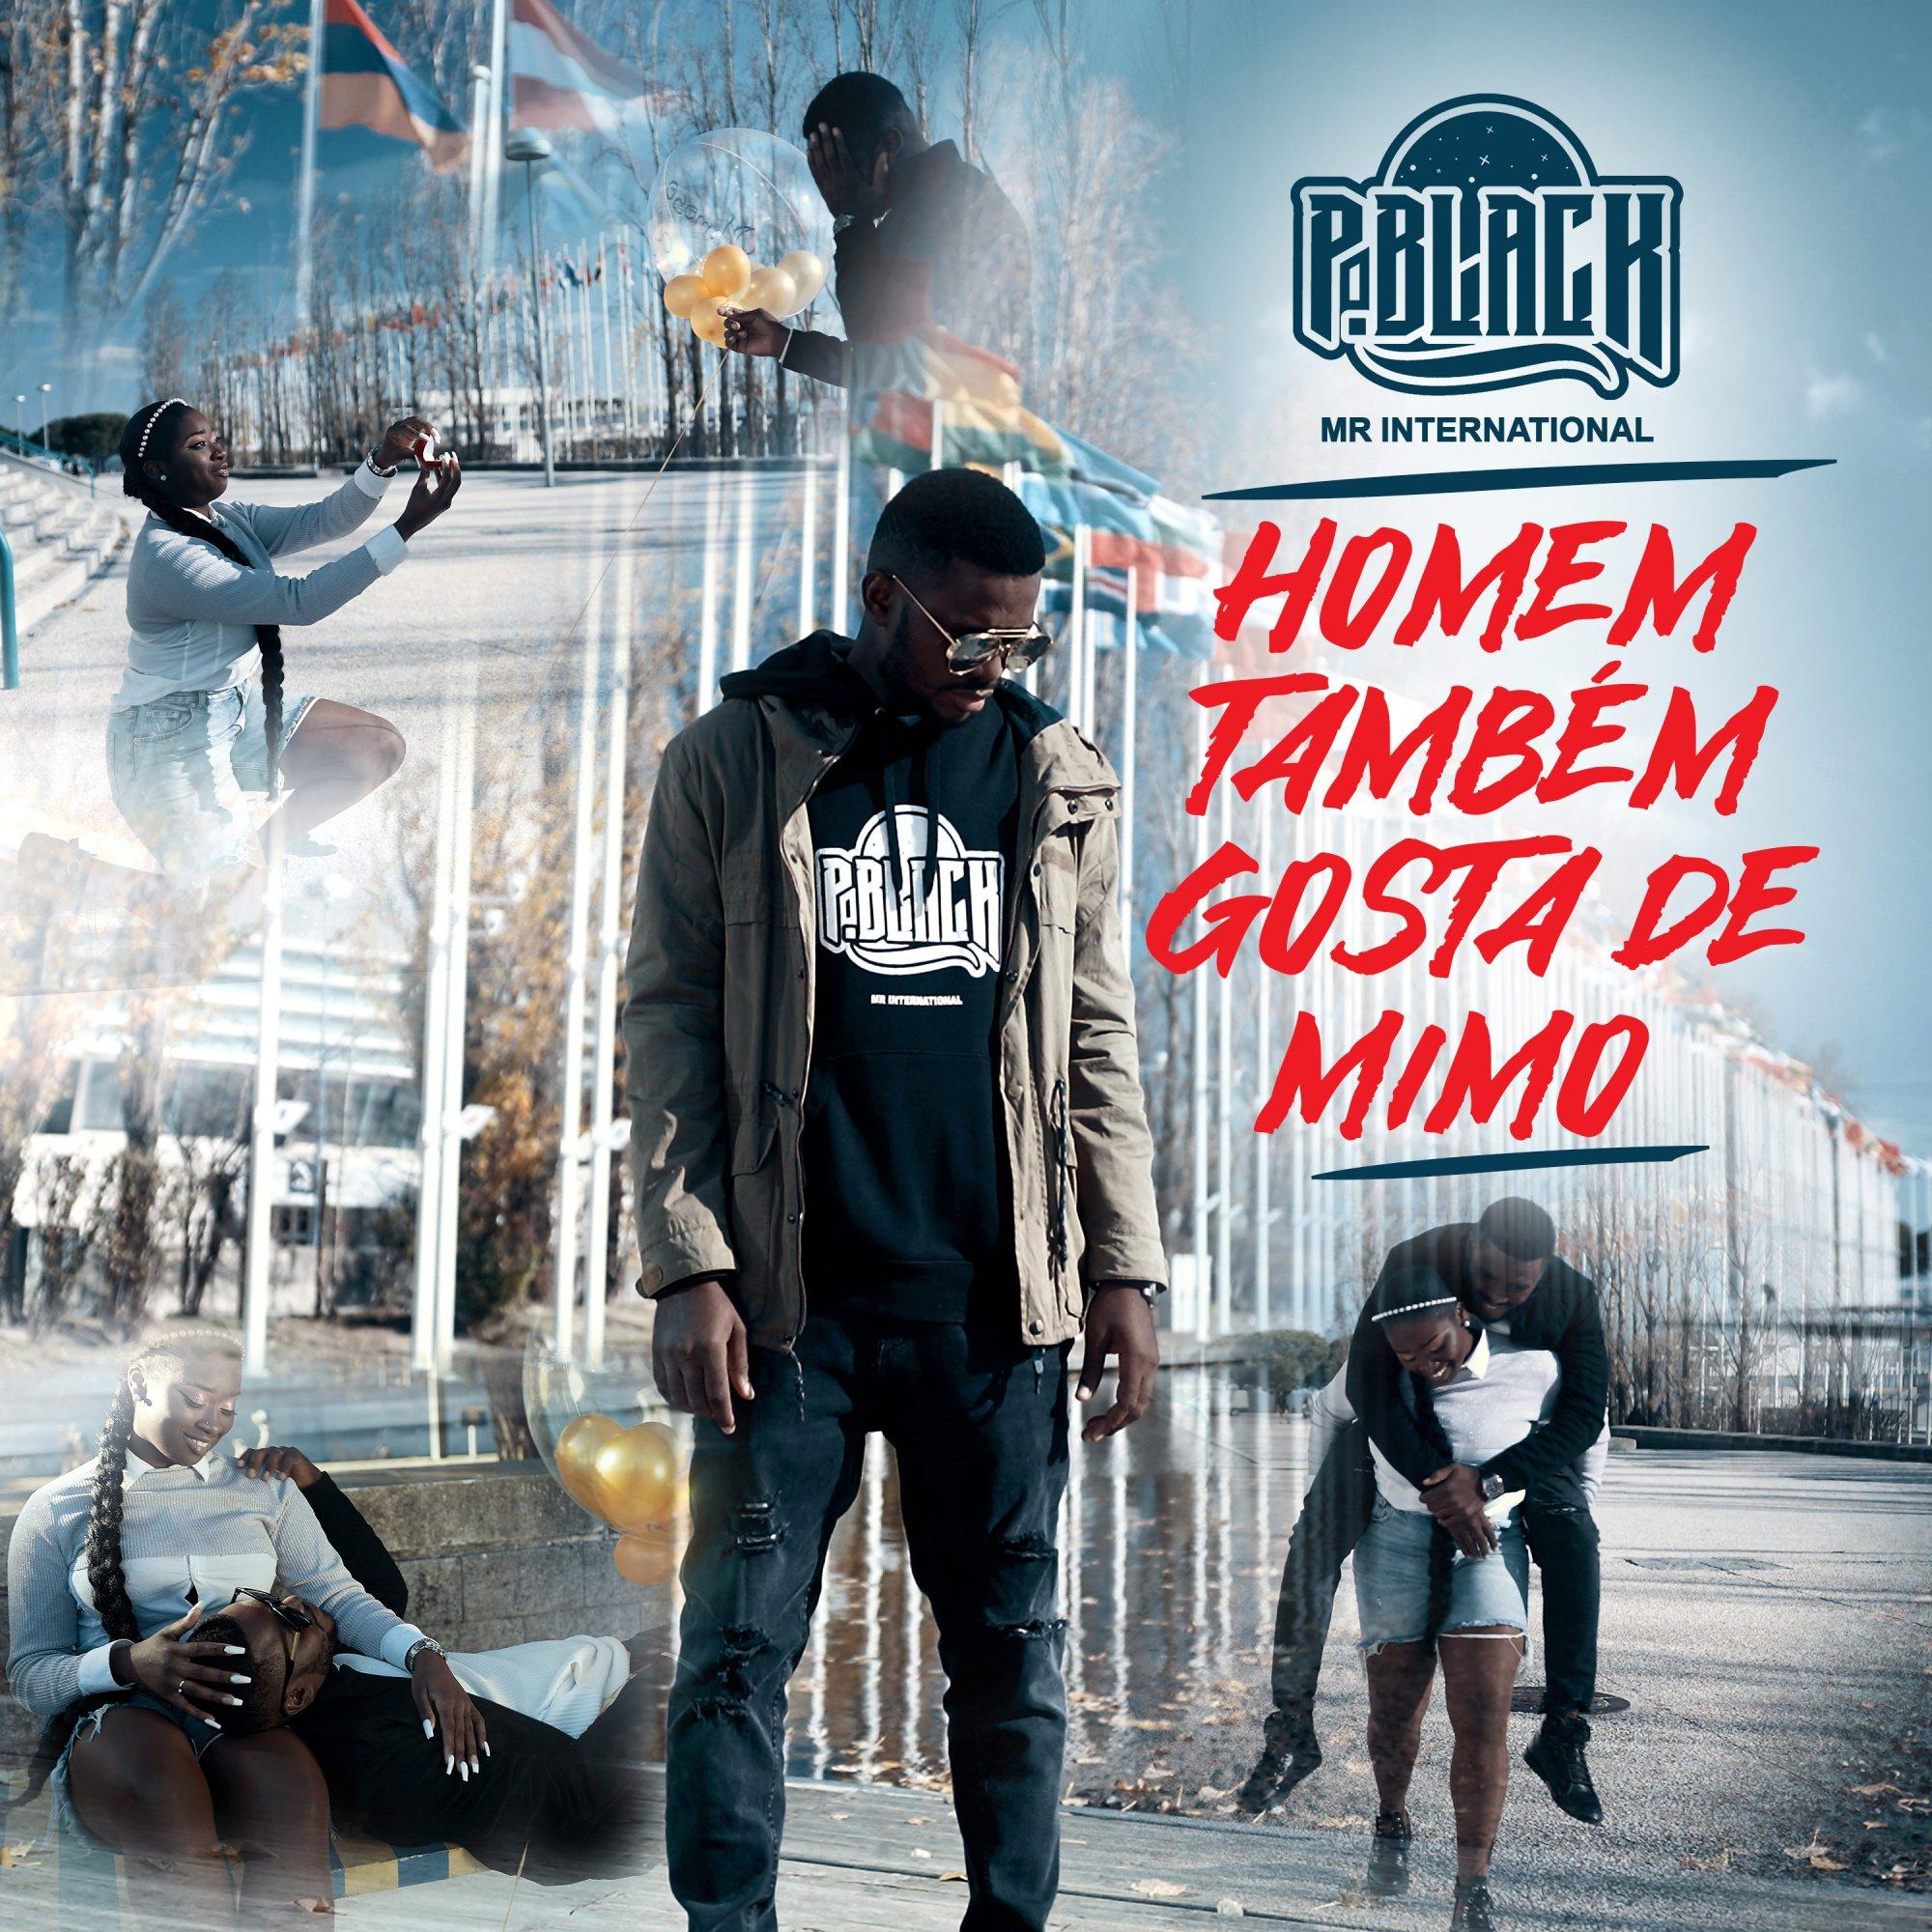 """P. Black Mr. International prova no novo single que """"Homem Também Gosta De Mimo"""""""